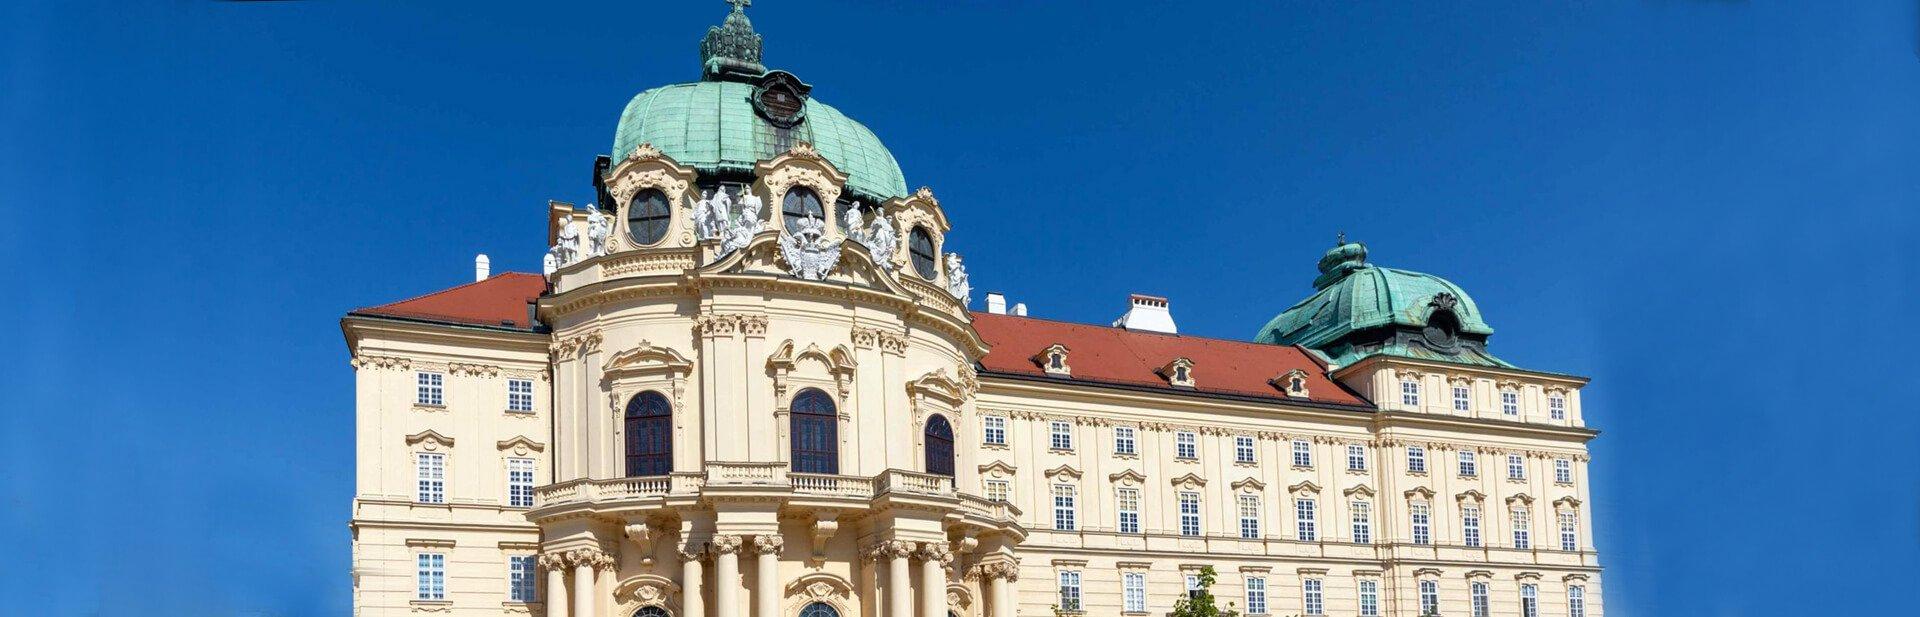 Die Ostfassade des Stiftes Klosterneuburg